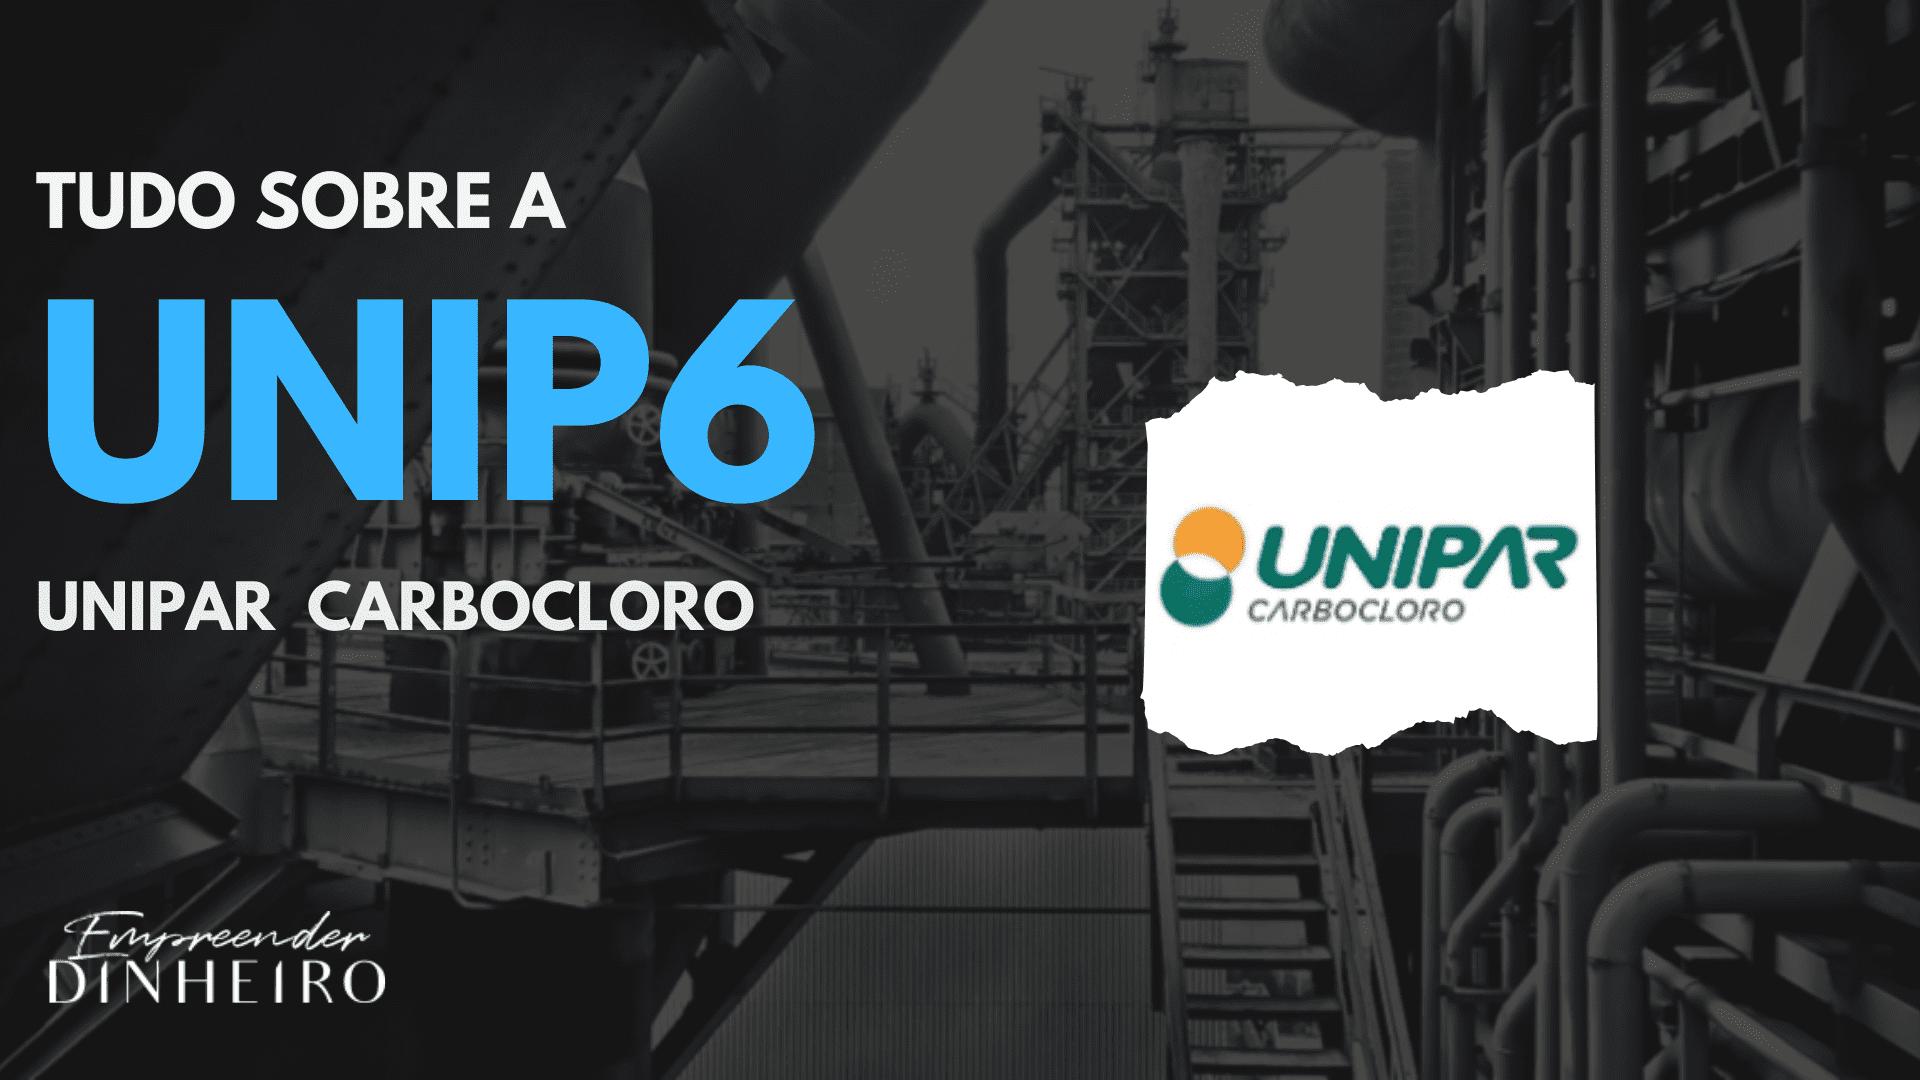 unip6 unipar carbocloro ações